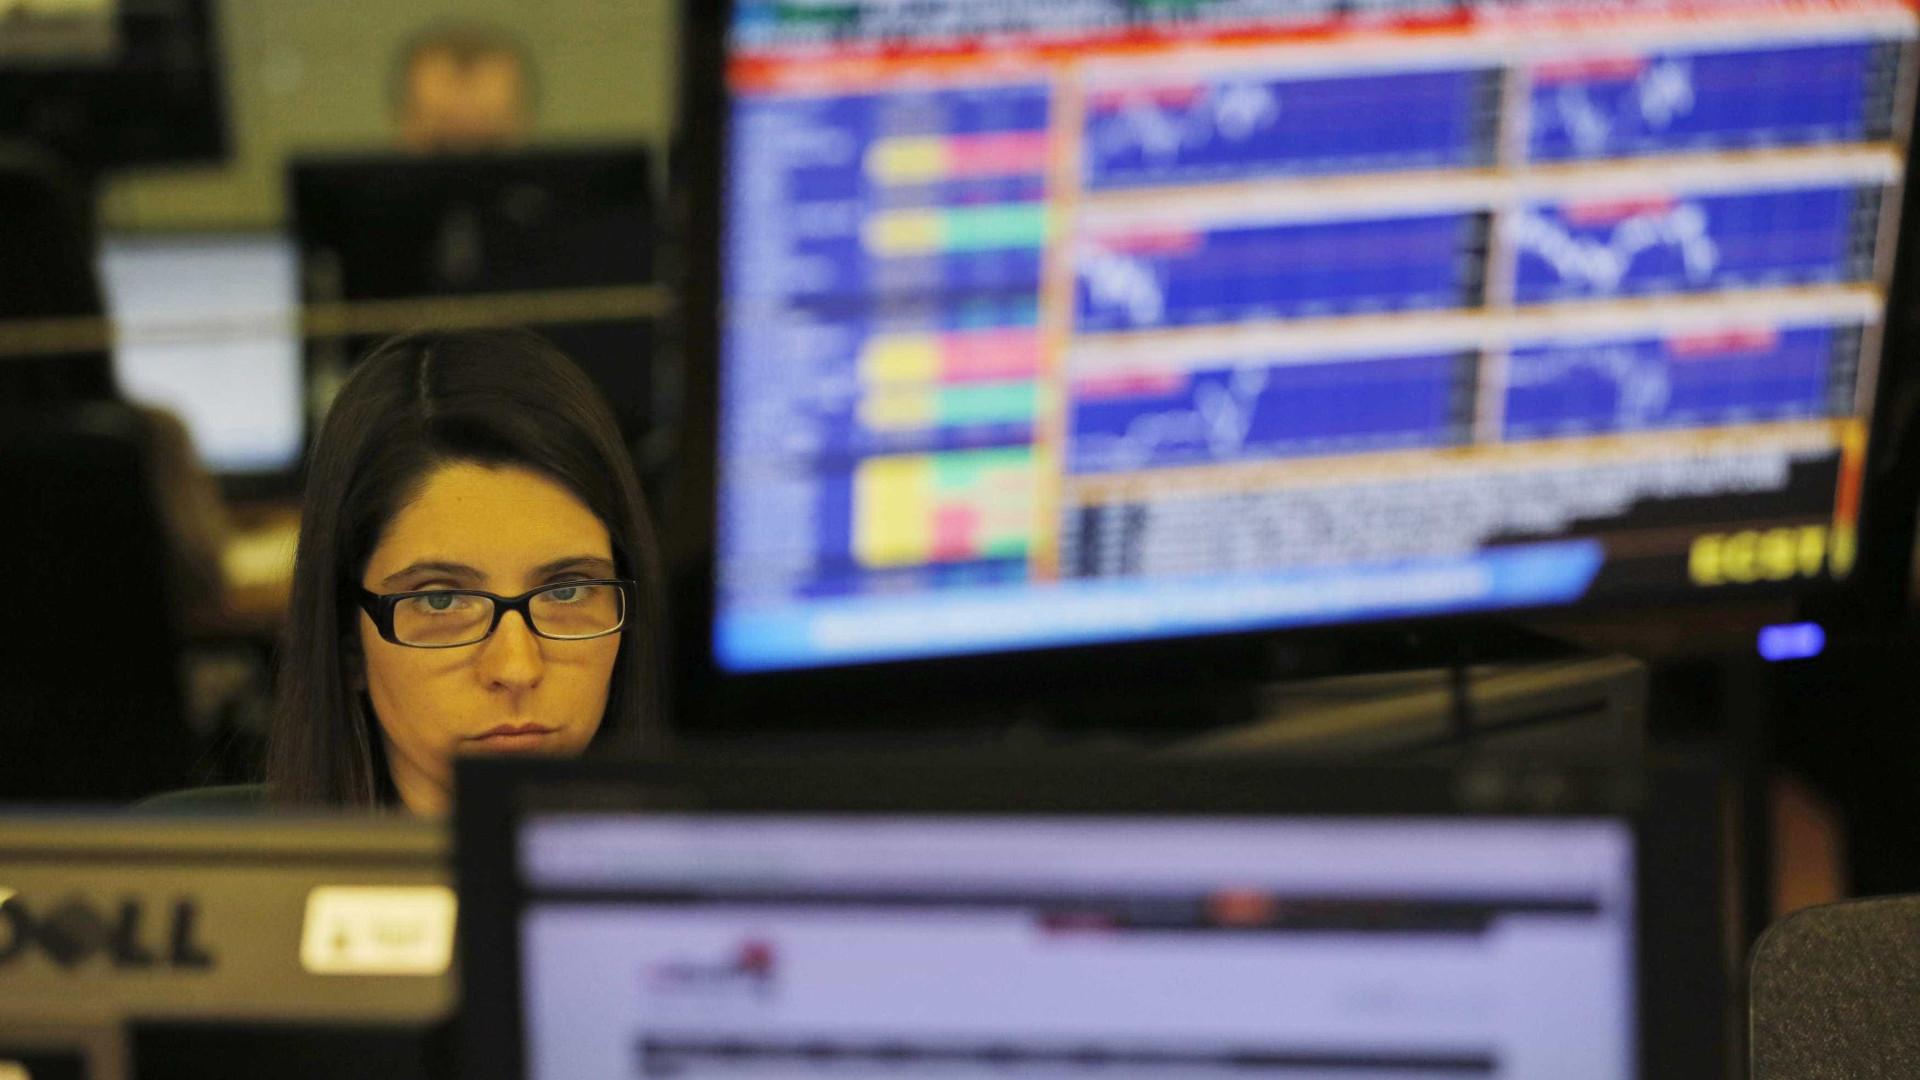 PSI20 sobe 0,99% com EDP Renováveis a liderar os ganhos